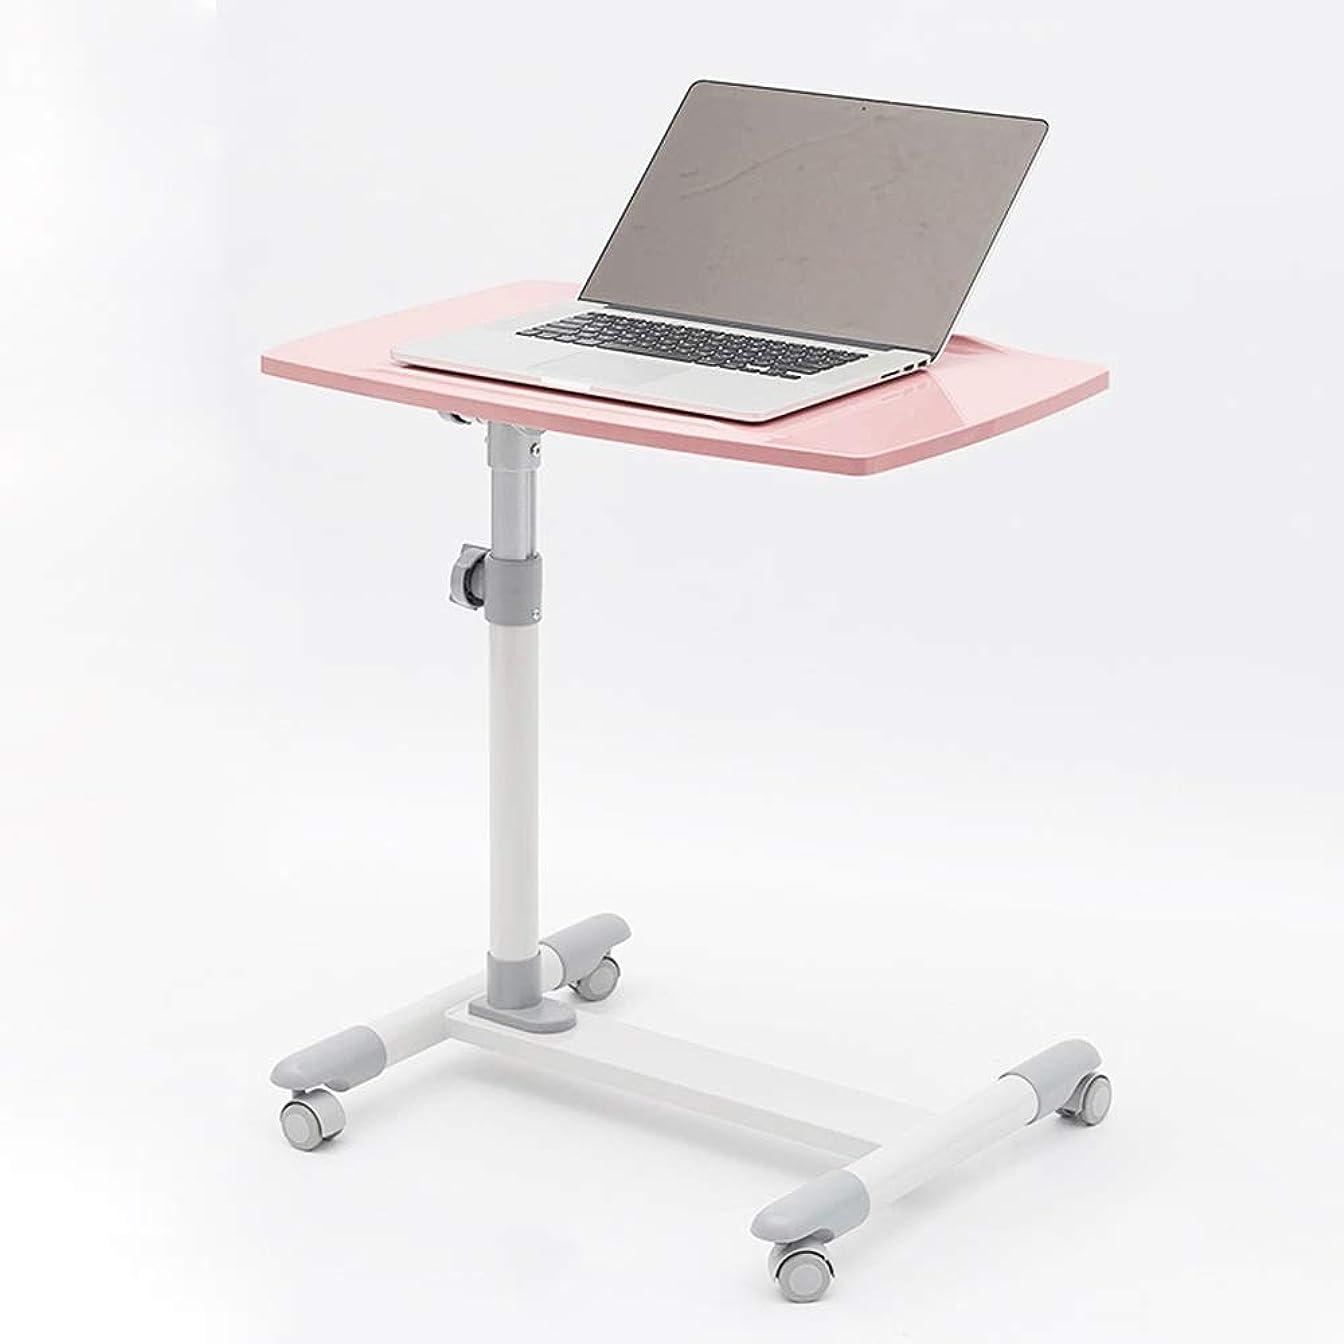 プレビスサイト休戦フレッシュHANSHAN サイドテーブル ソファサイドテーブル、ラップトップテーブルは移動可能なリフトテーブルホームベッド怠惰な小さな机に適した寝室用リビングルーム4色24×18×23インチ (色 : ピンク)